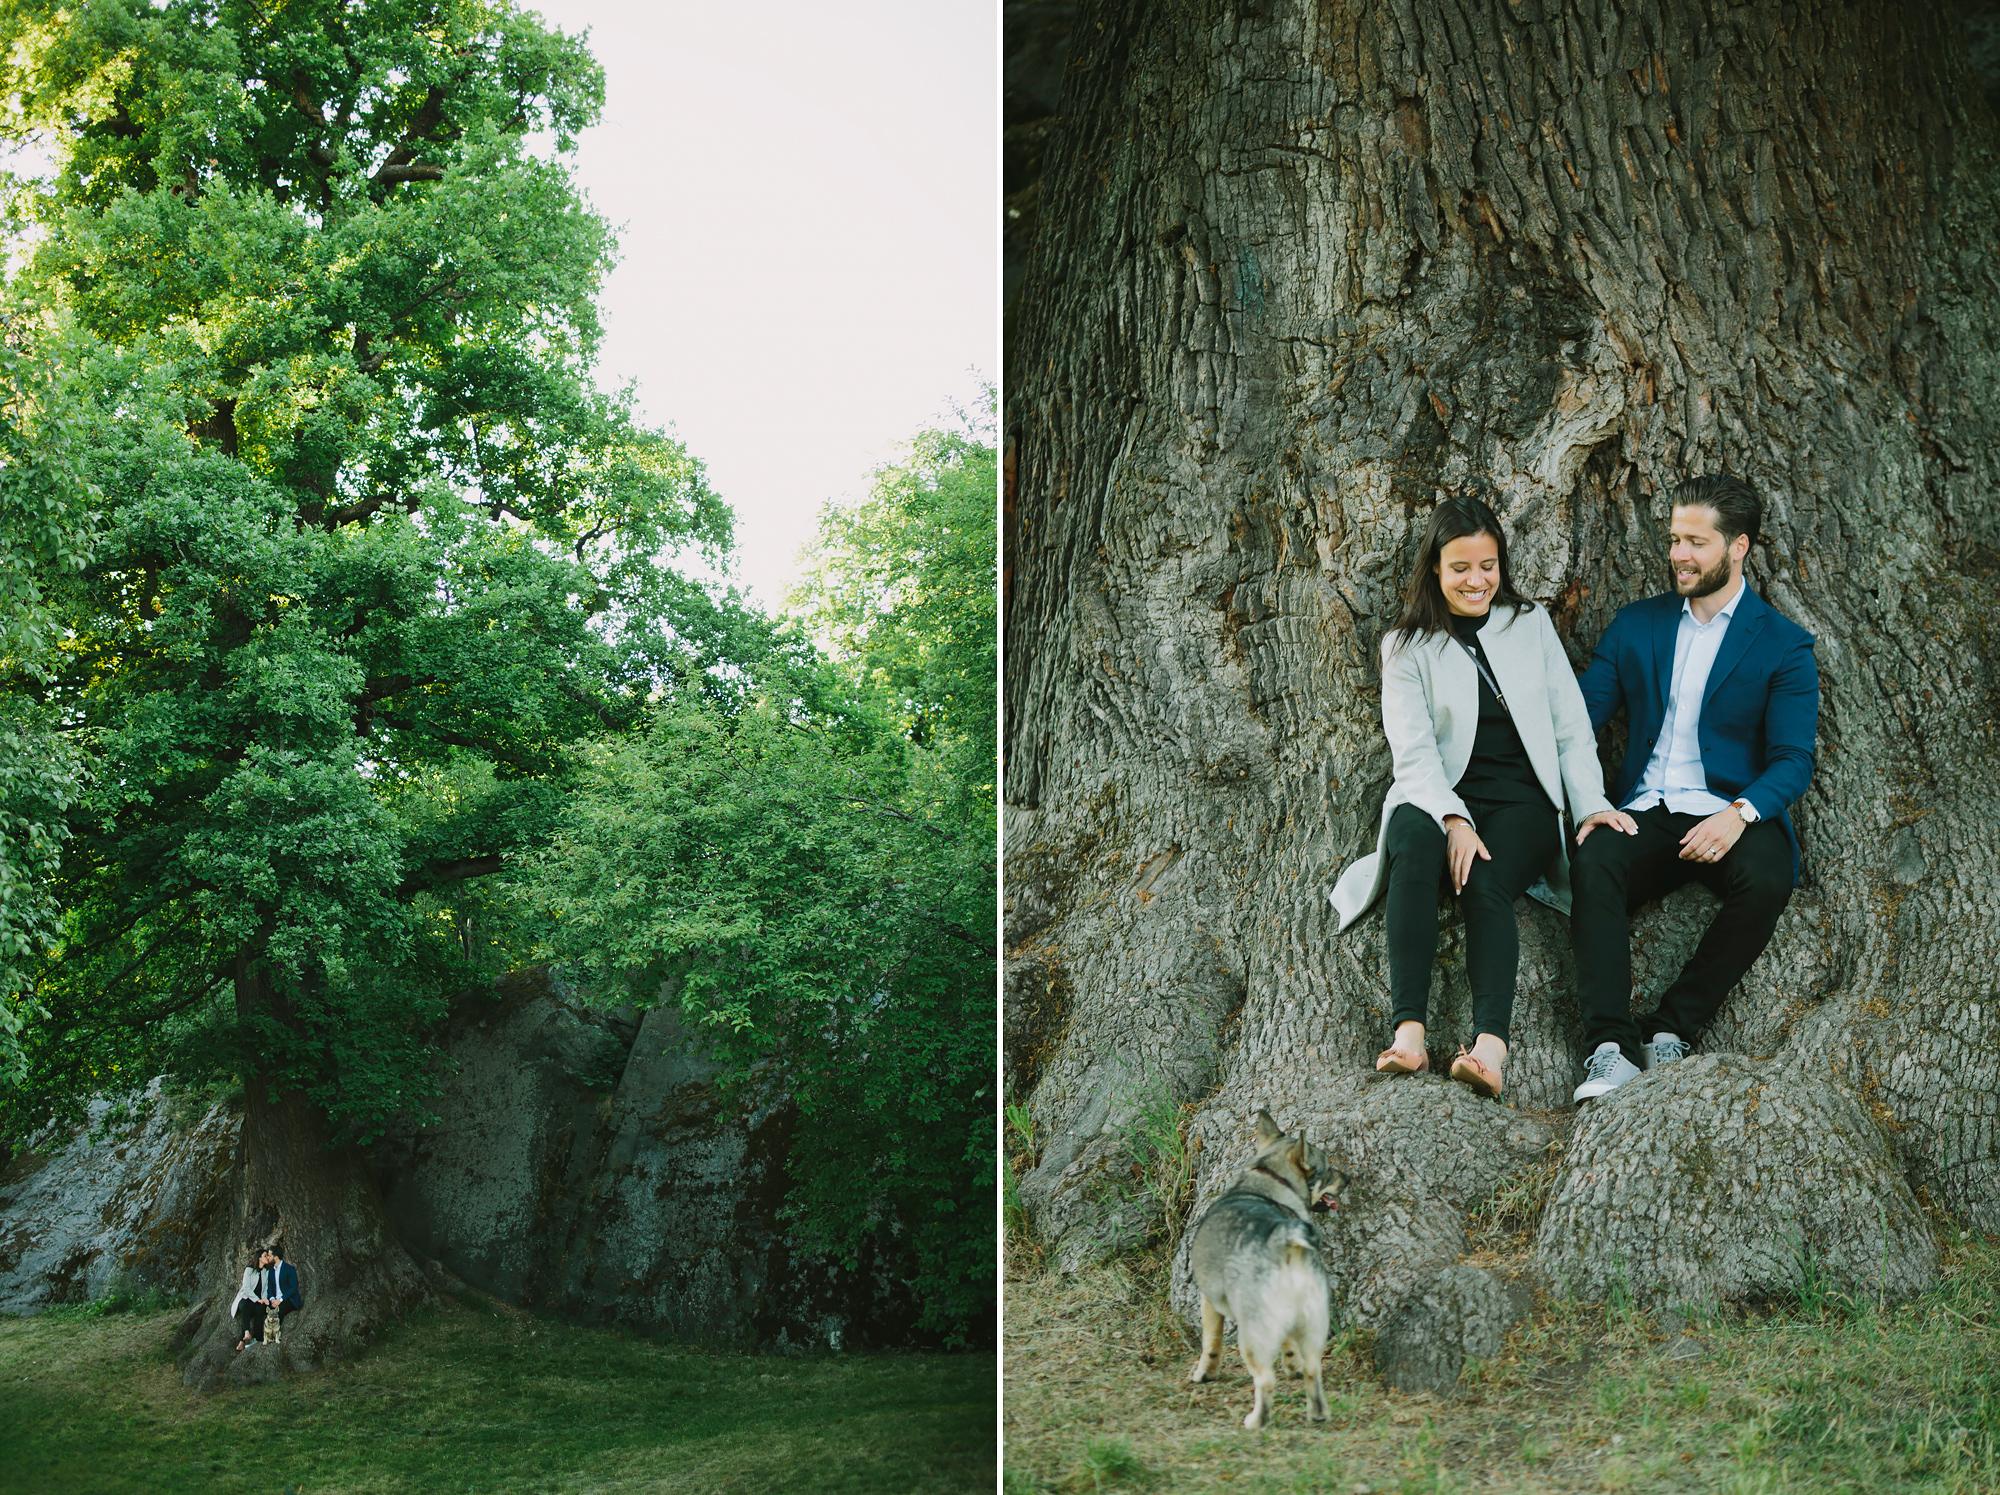 Parbilder vid den stora eken Djurgården